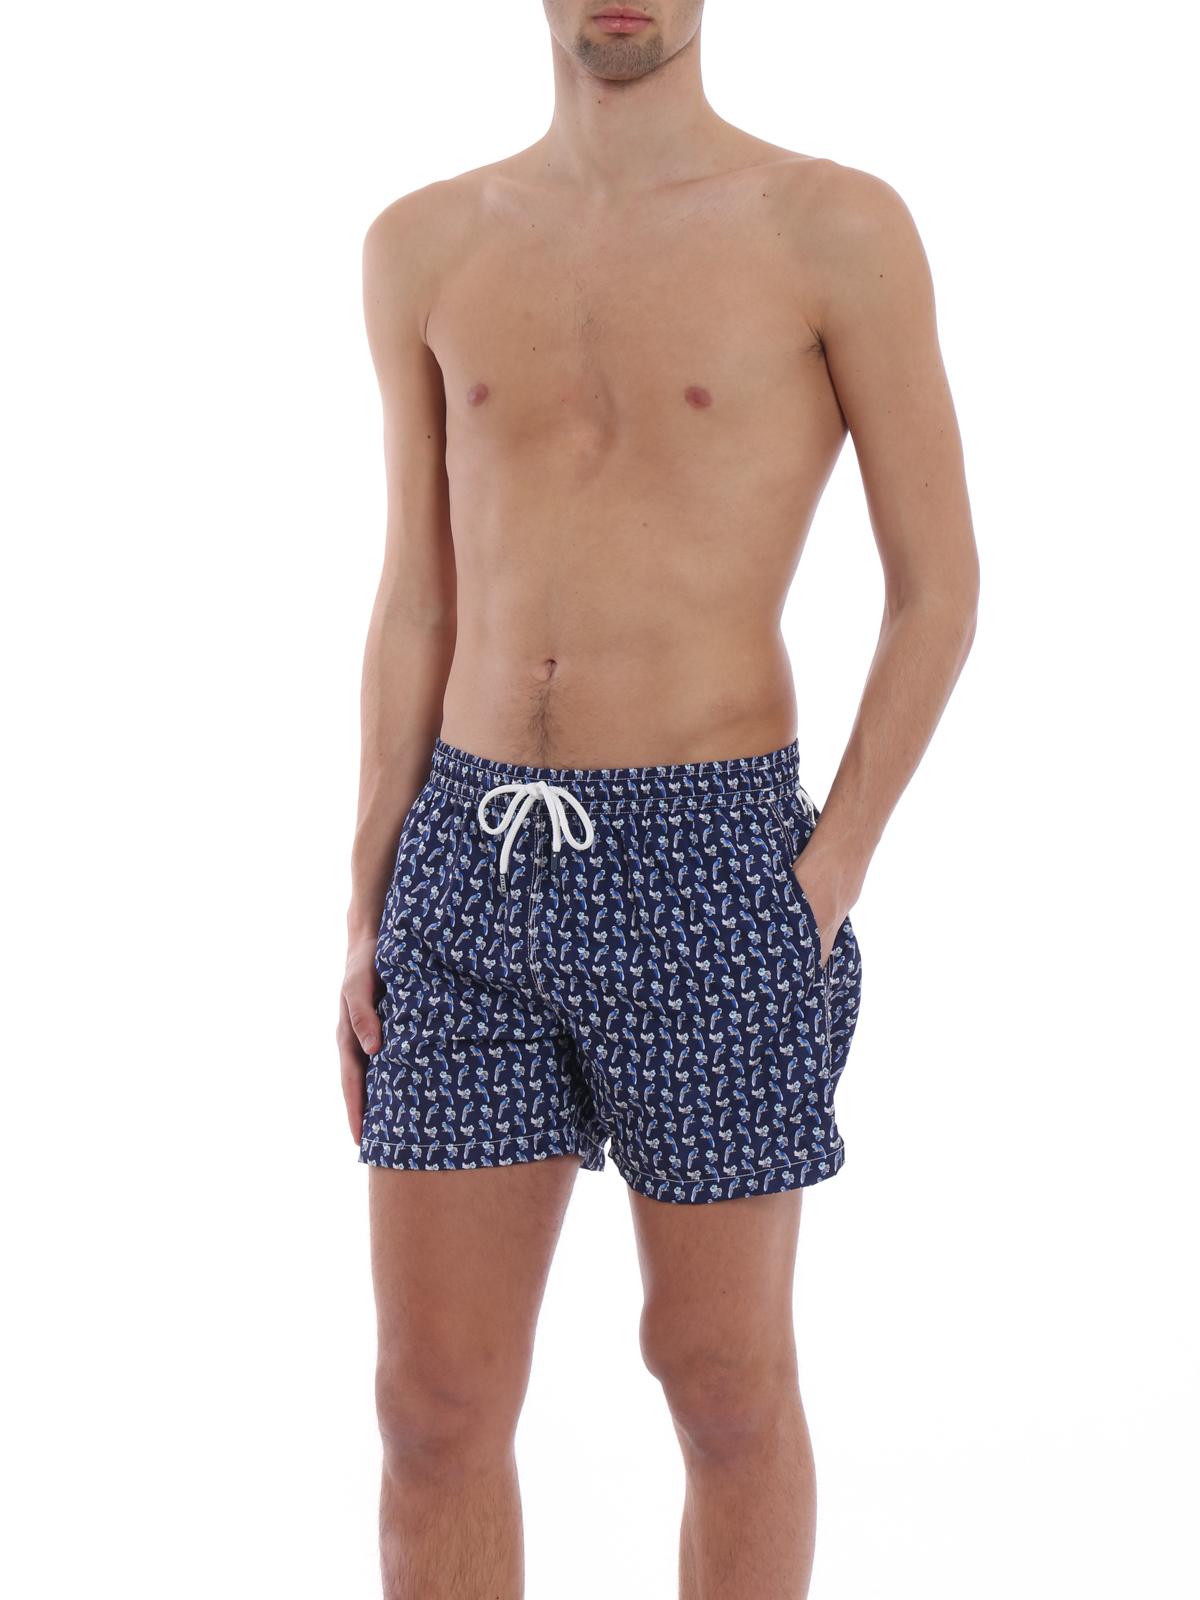 Costume da bagno pappagalli blu fedeli costumi piscina e boxer ikrix - Costume da bagno brasiliano ...